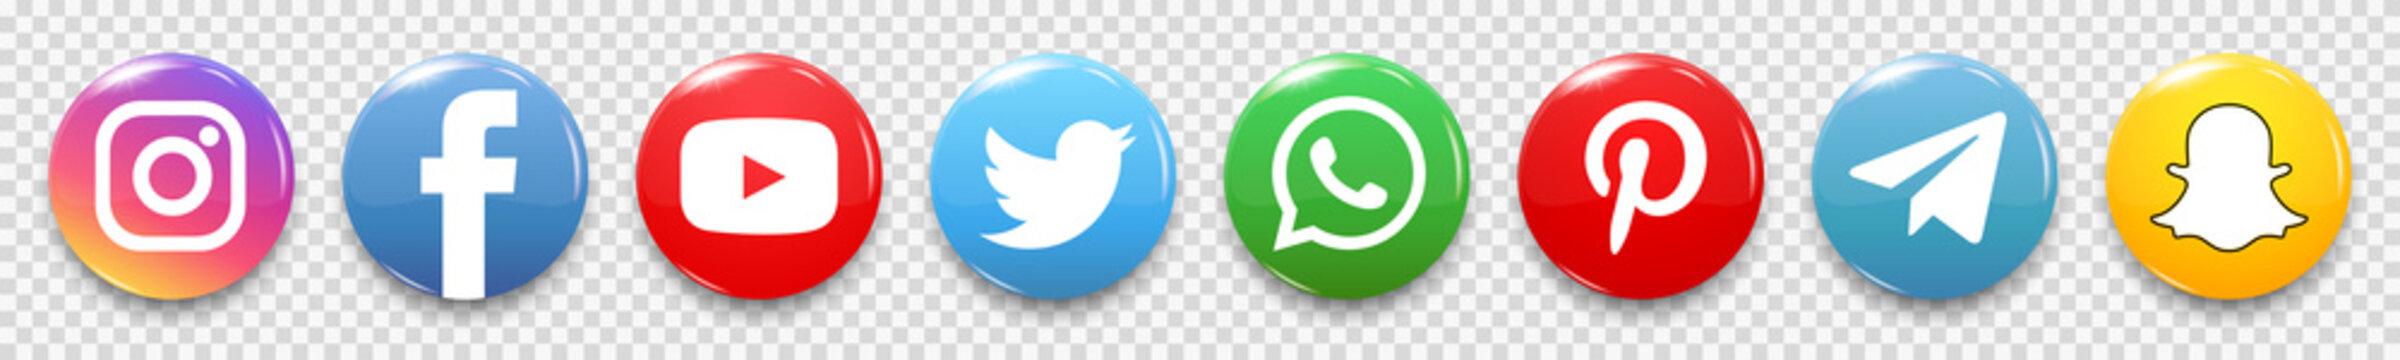 Kiev, Ukraine - June 29, 2020: Set popular social media icons. Facebook, instagram, twitter, youtube, pinterest, whatsap, telegram, snapchat. Editorial vector